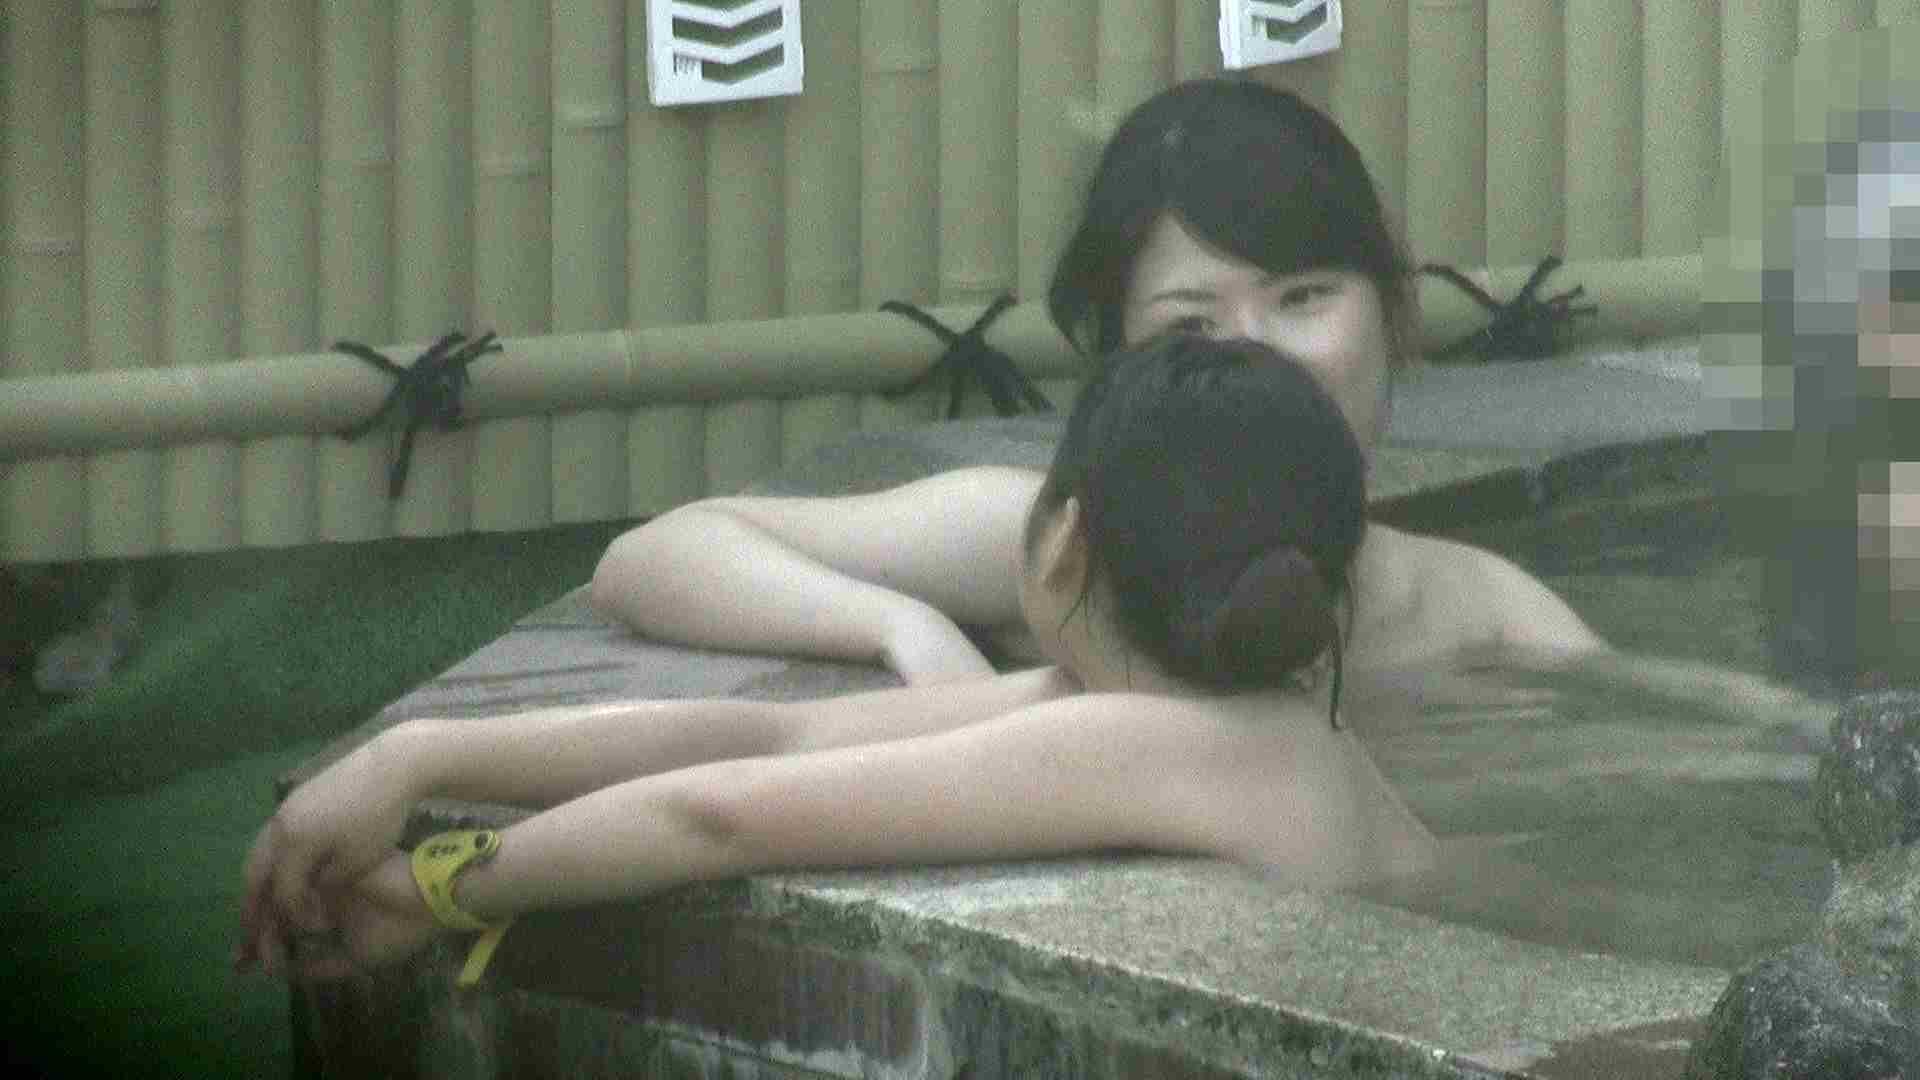 Aquaな露天風呂Vol.206 いやらしいOL オマンコ動画キャプチャ 59連発 26